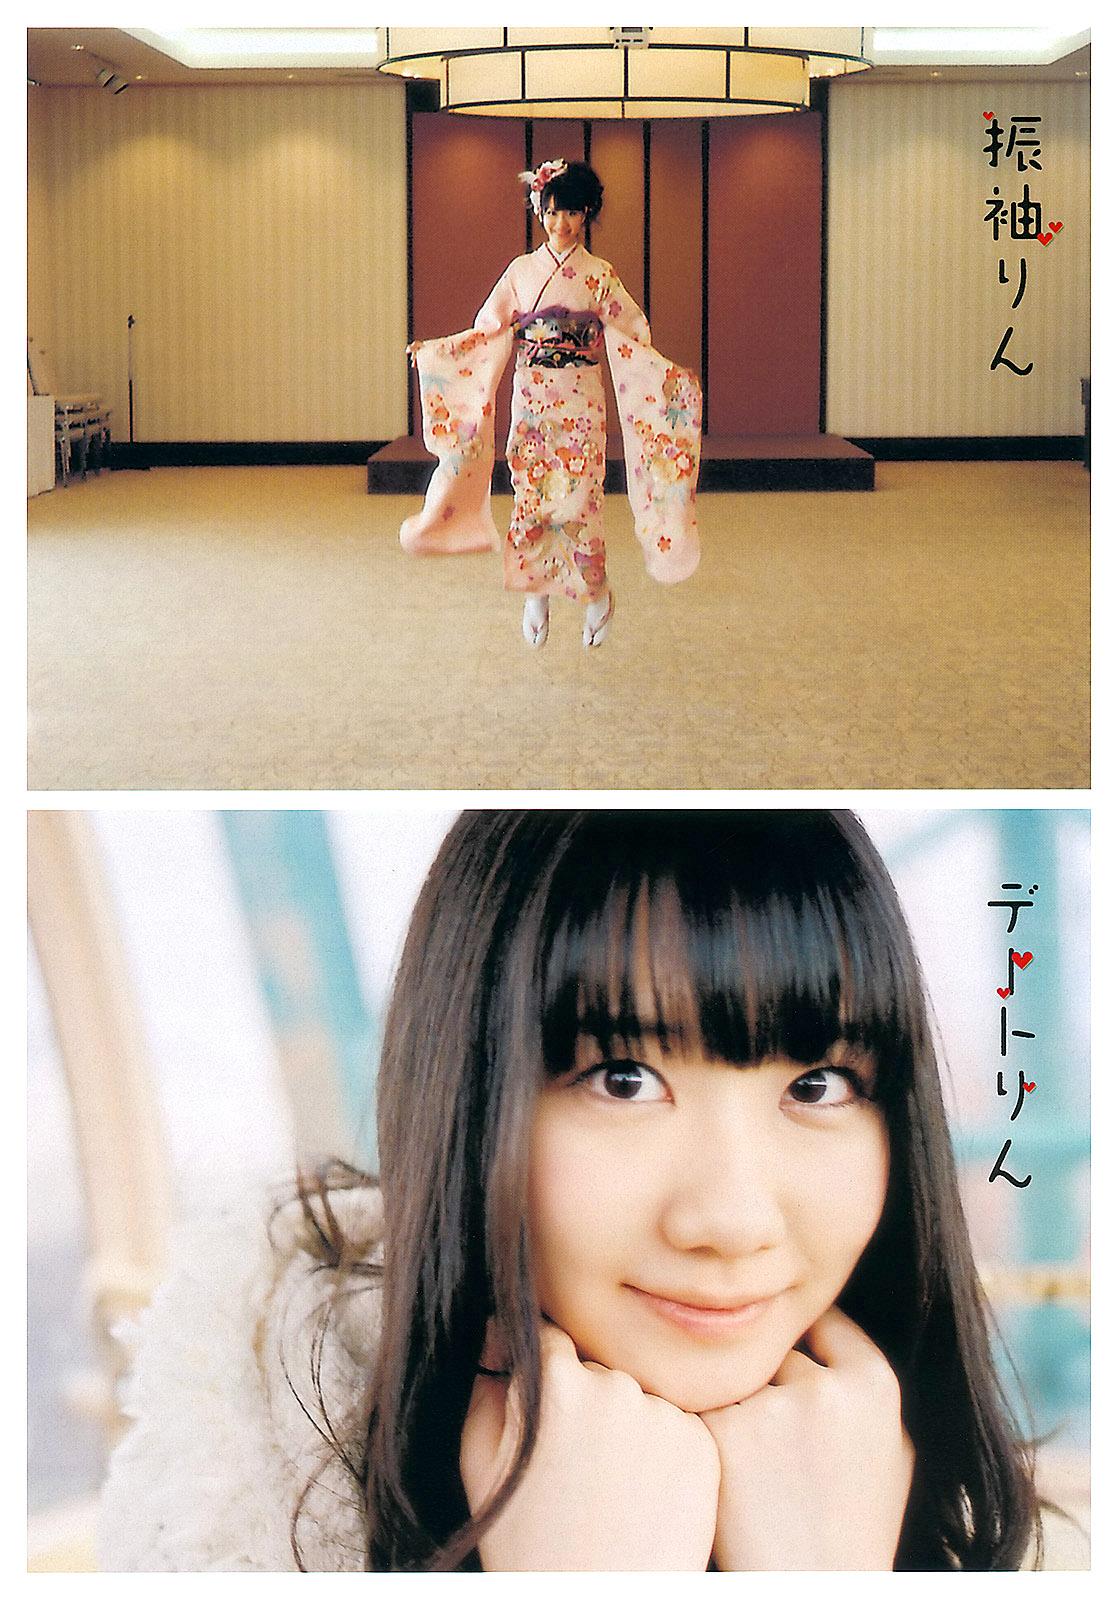 YKashiwagi WPB 120430 04.jpg